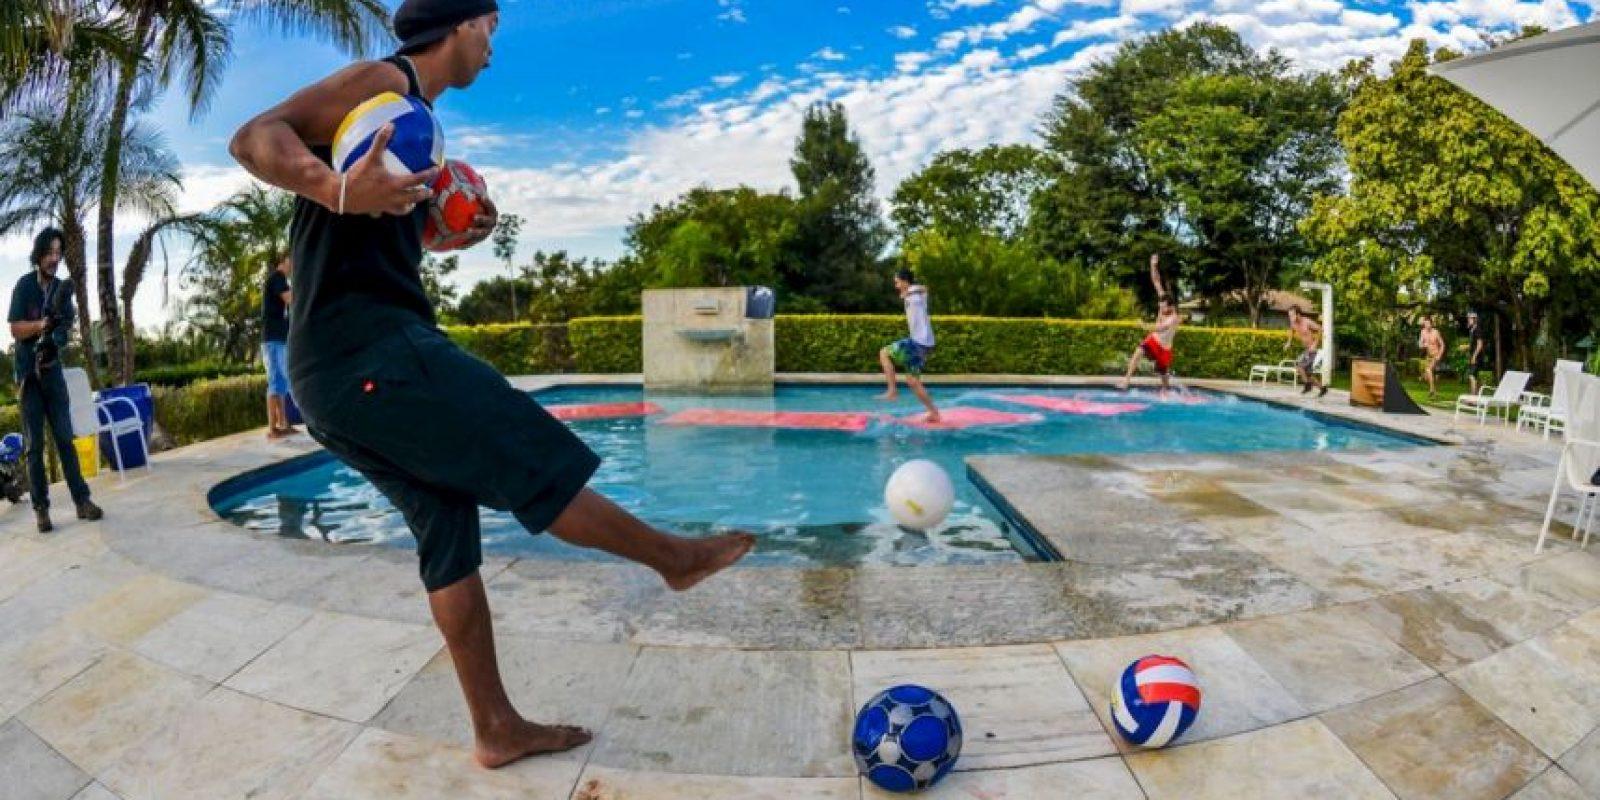 También se ha divertido lanzando balones a sus amigos, mientras corren en la alberca Foto:Facebook: Ronaldinho Gaucho